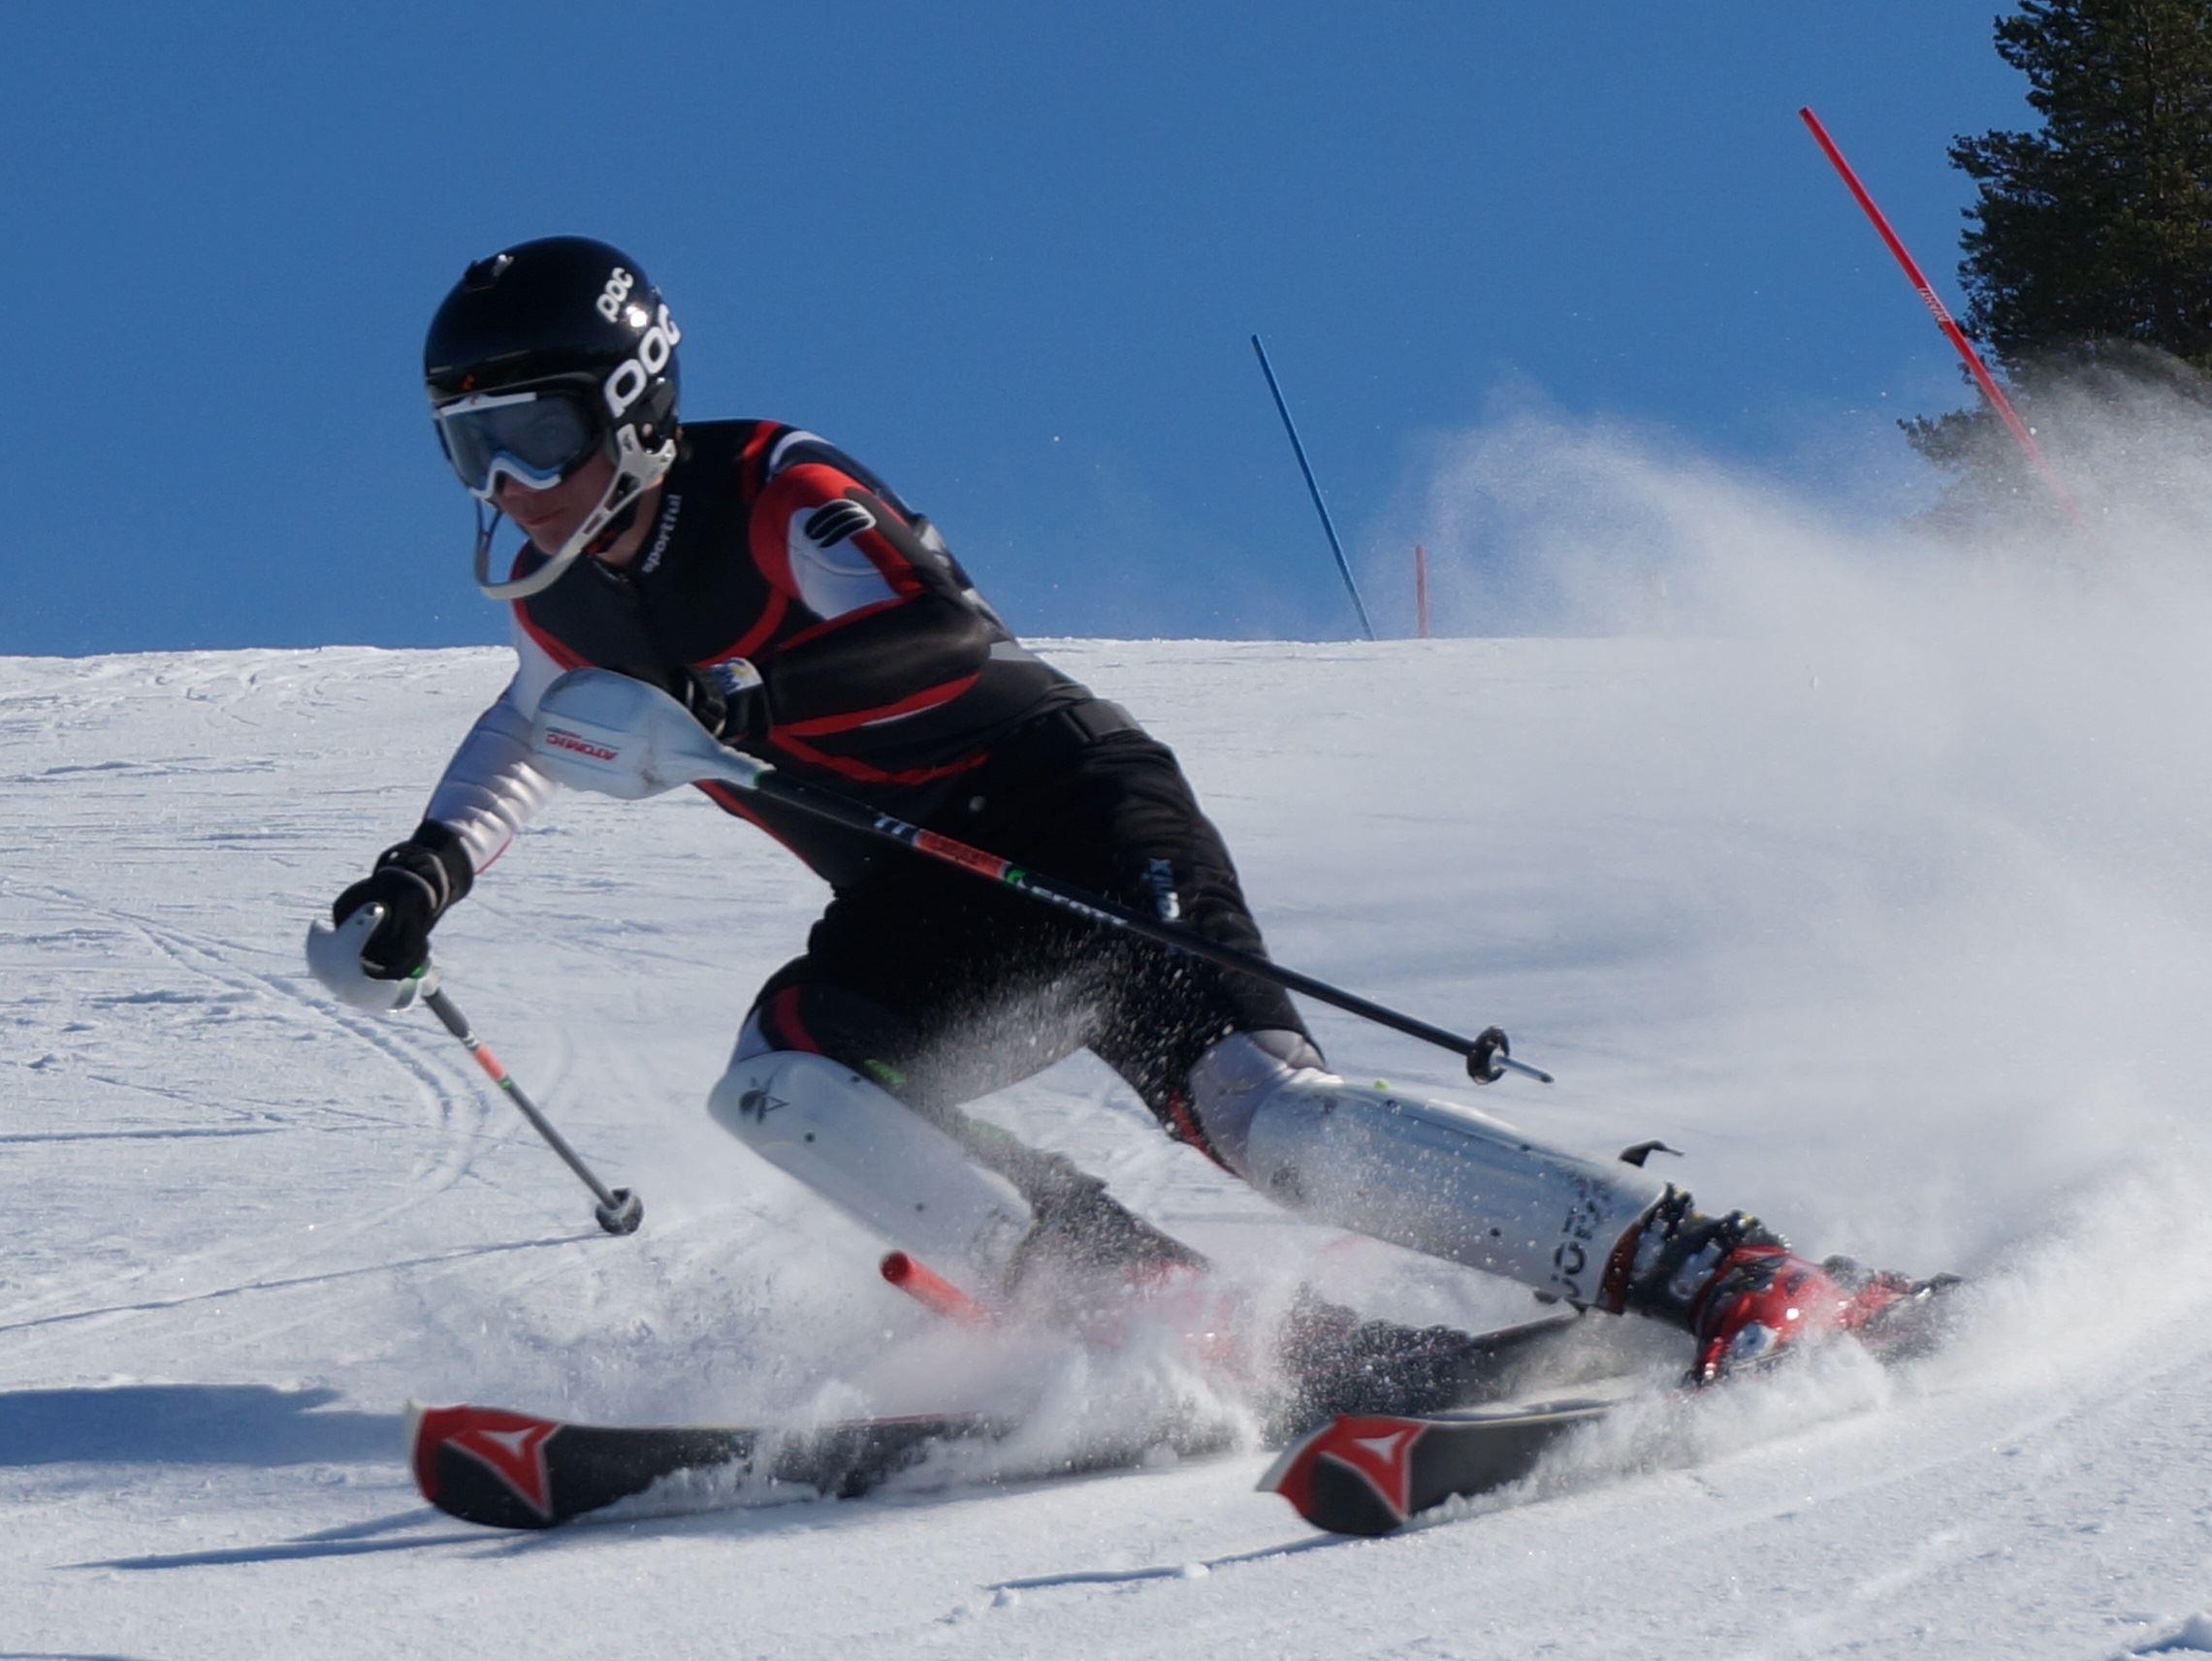 Slalomåkare, Buberget